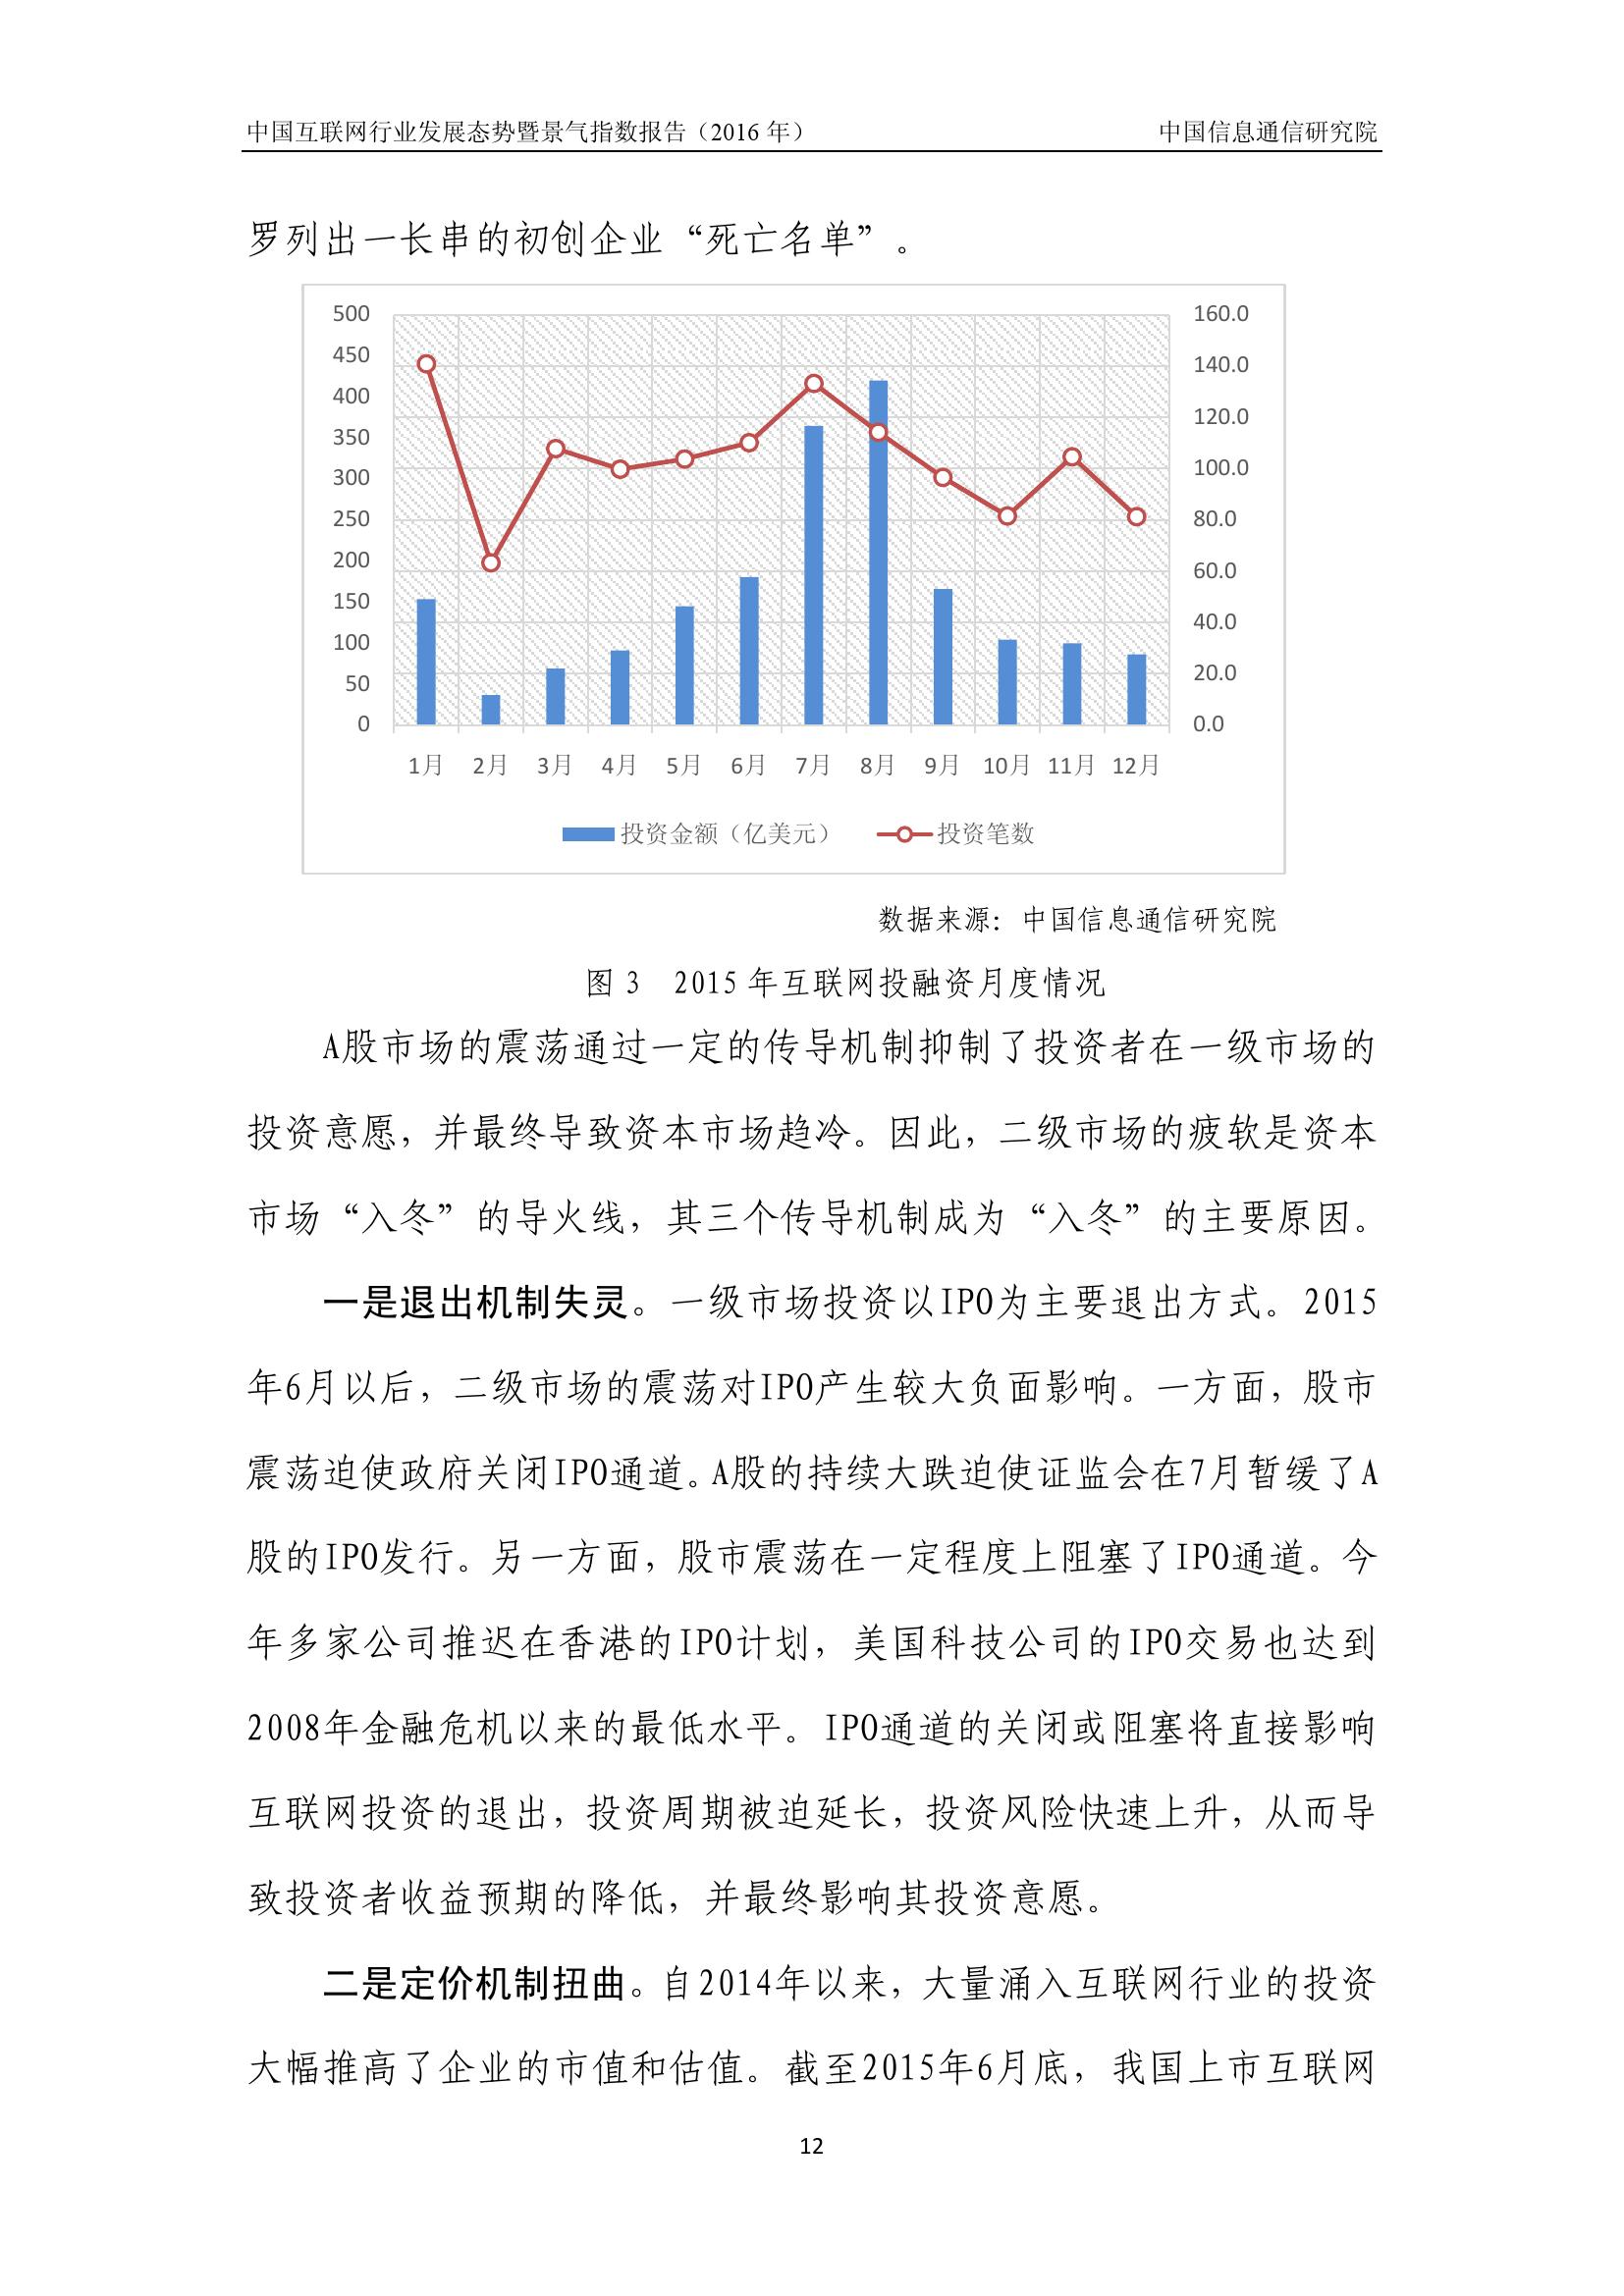 2016年中国互联网行业发展态势暨景气指数报告_000016